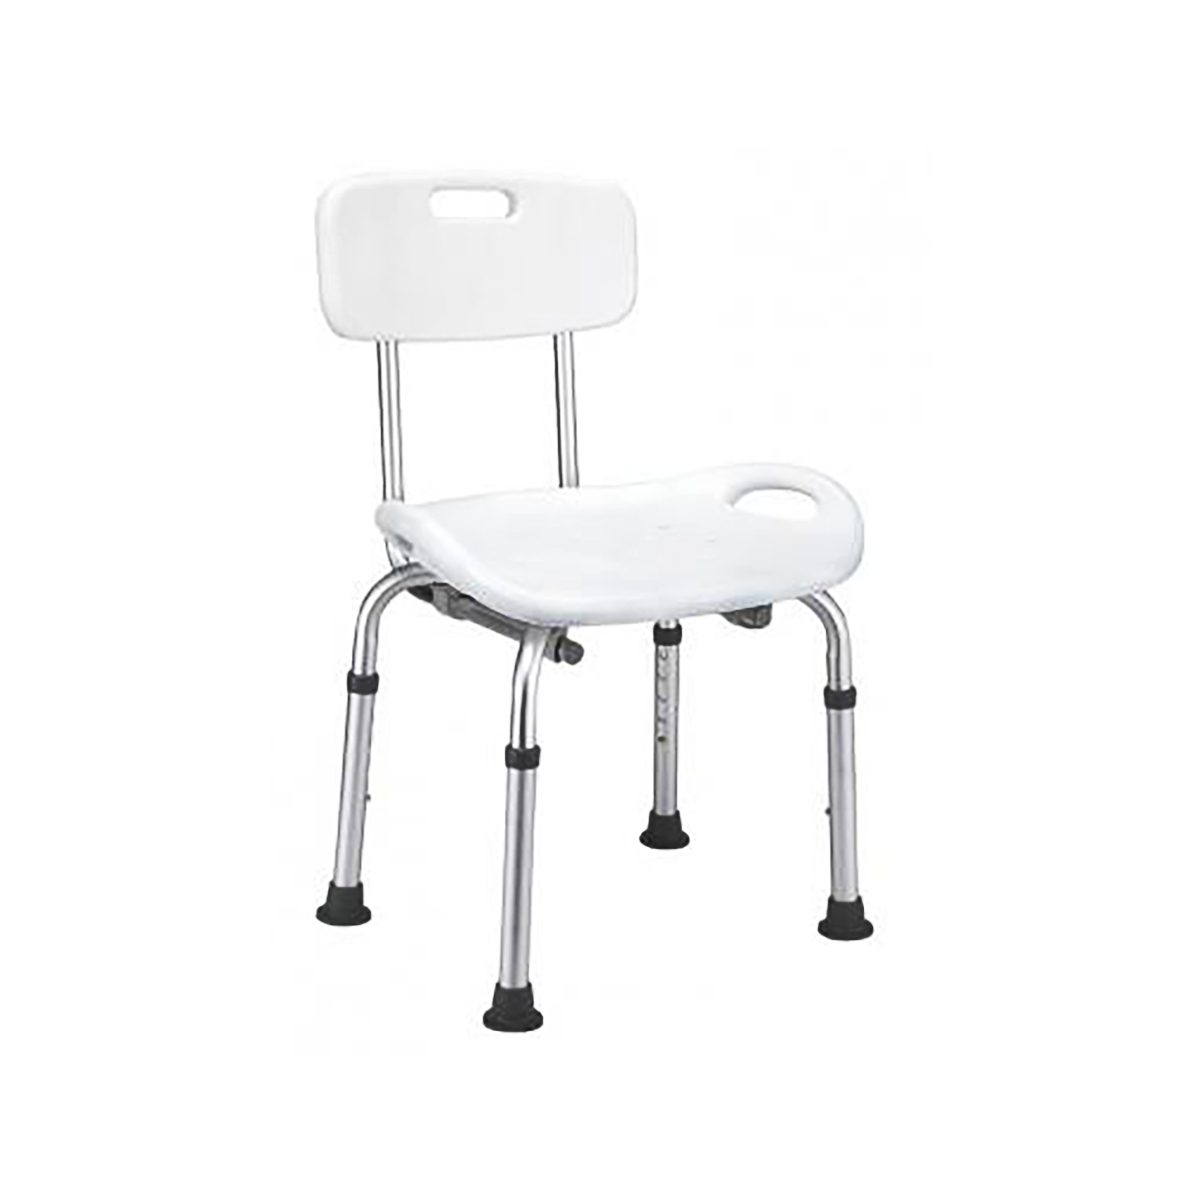 Sedia da Doccia in Alluminio con Schienale, Portata 135 Kg